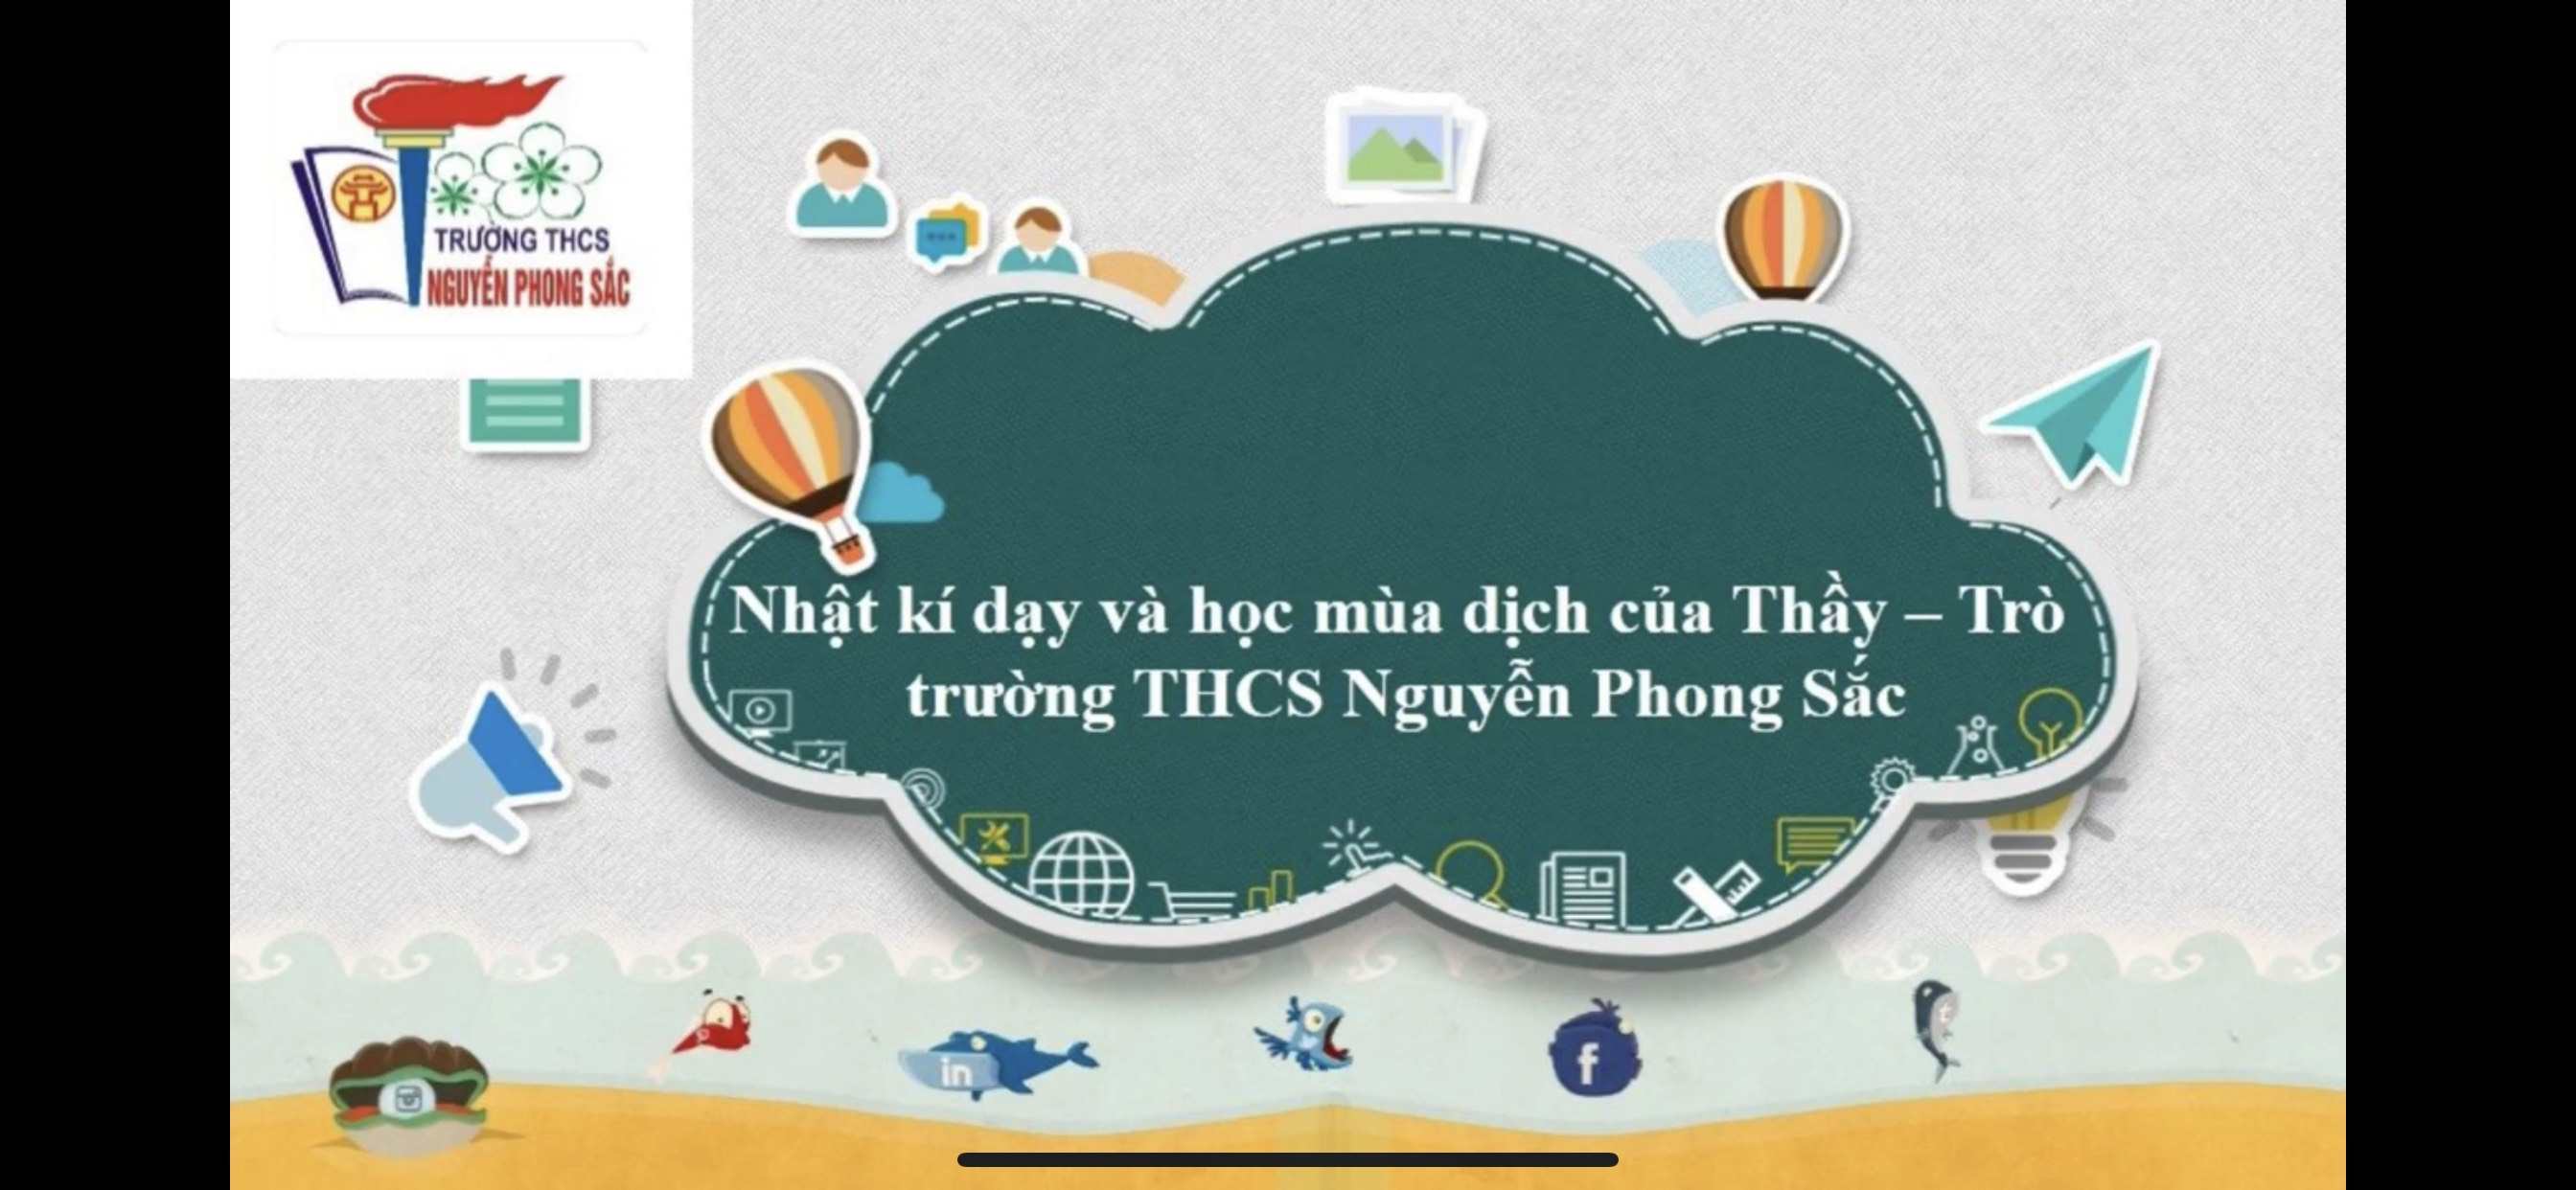 """Video dự thi """"Ấn tượng dạy và học mùa dịch"""" của trường THCS Nguyễn Phong Sắc"""